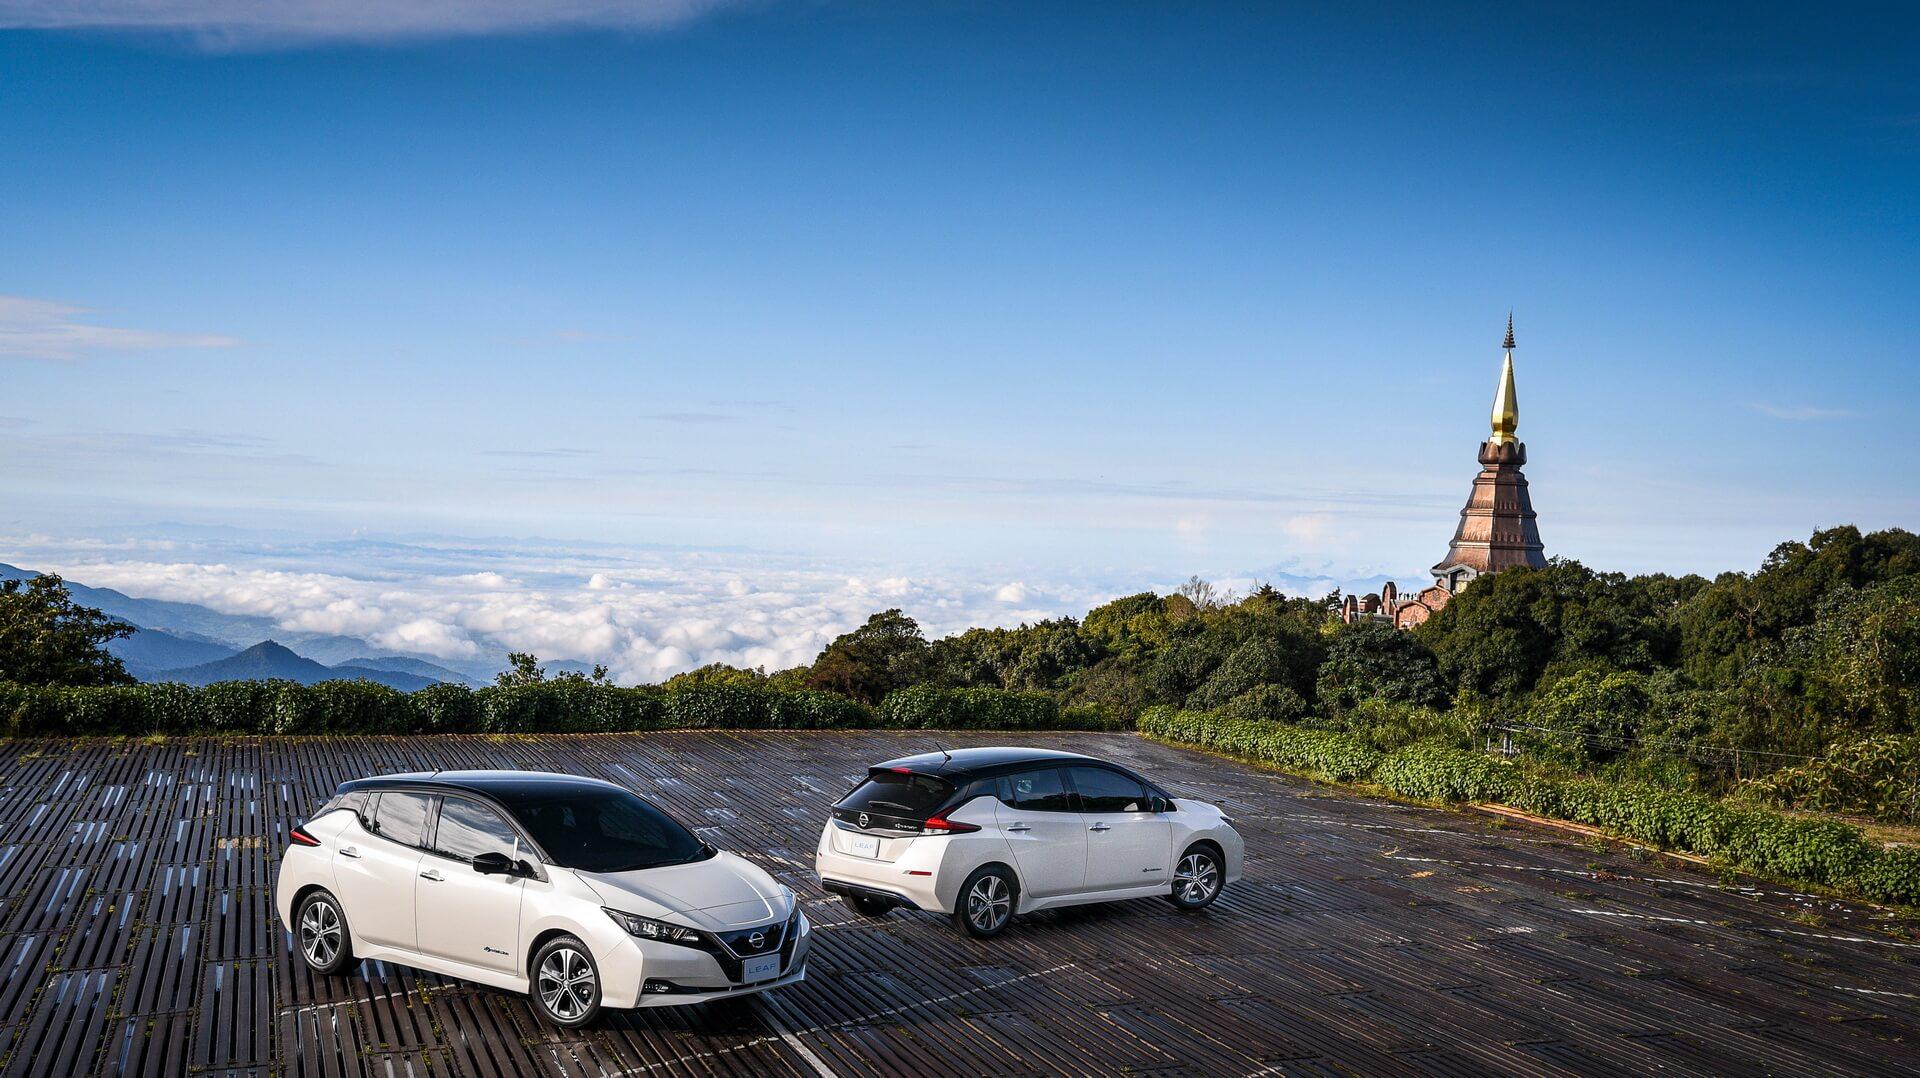 Дойинтанон — гора в провинции Чиангмай, высшая точка Таиланда